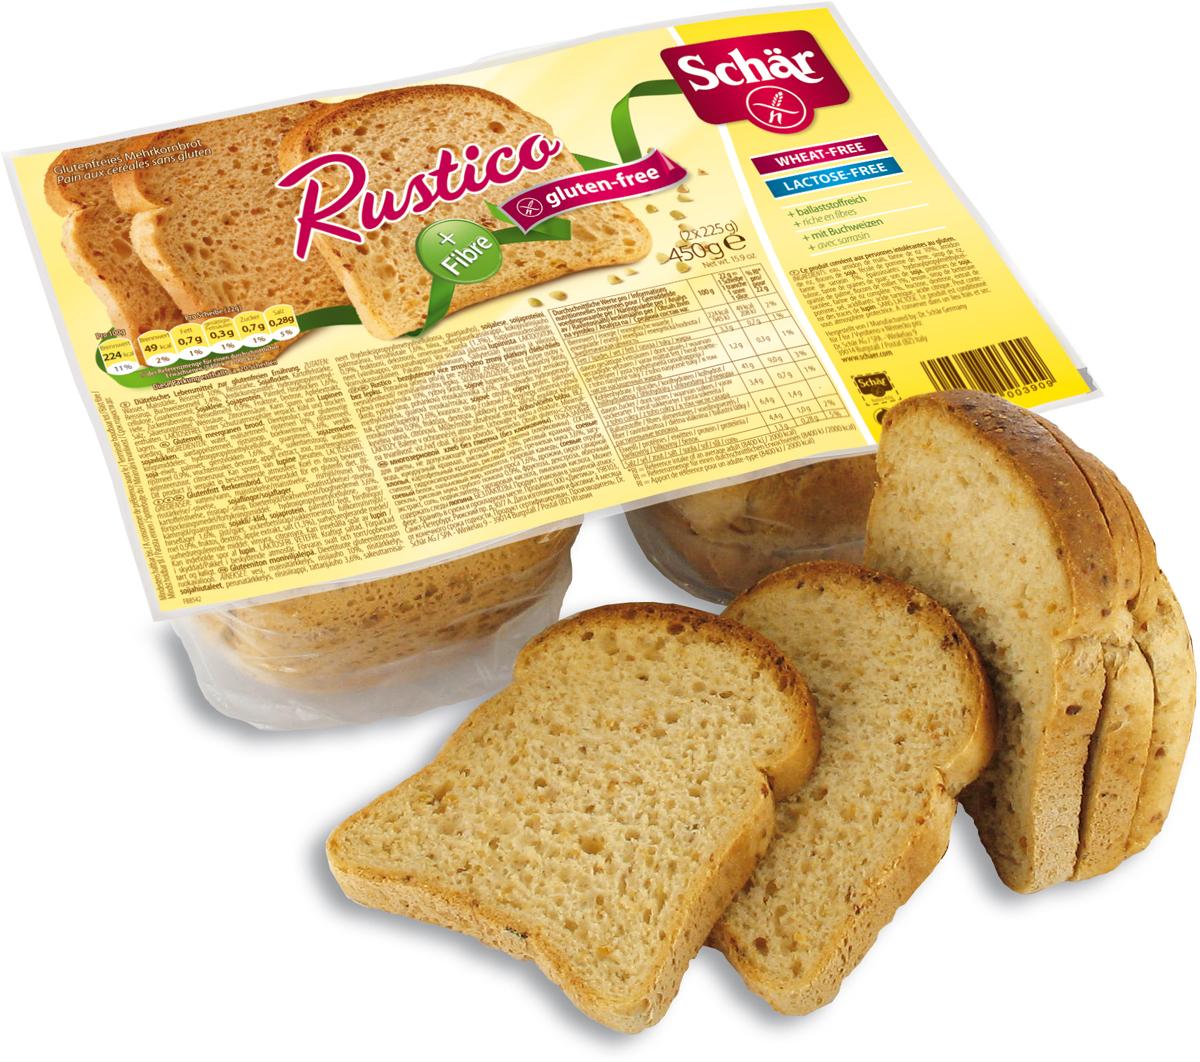 Dr. Schar Rustico Хлеб многозерновой, 450 г хлебная смесь чесночный хлеб